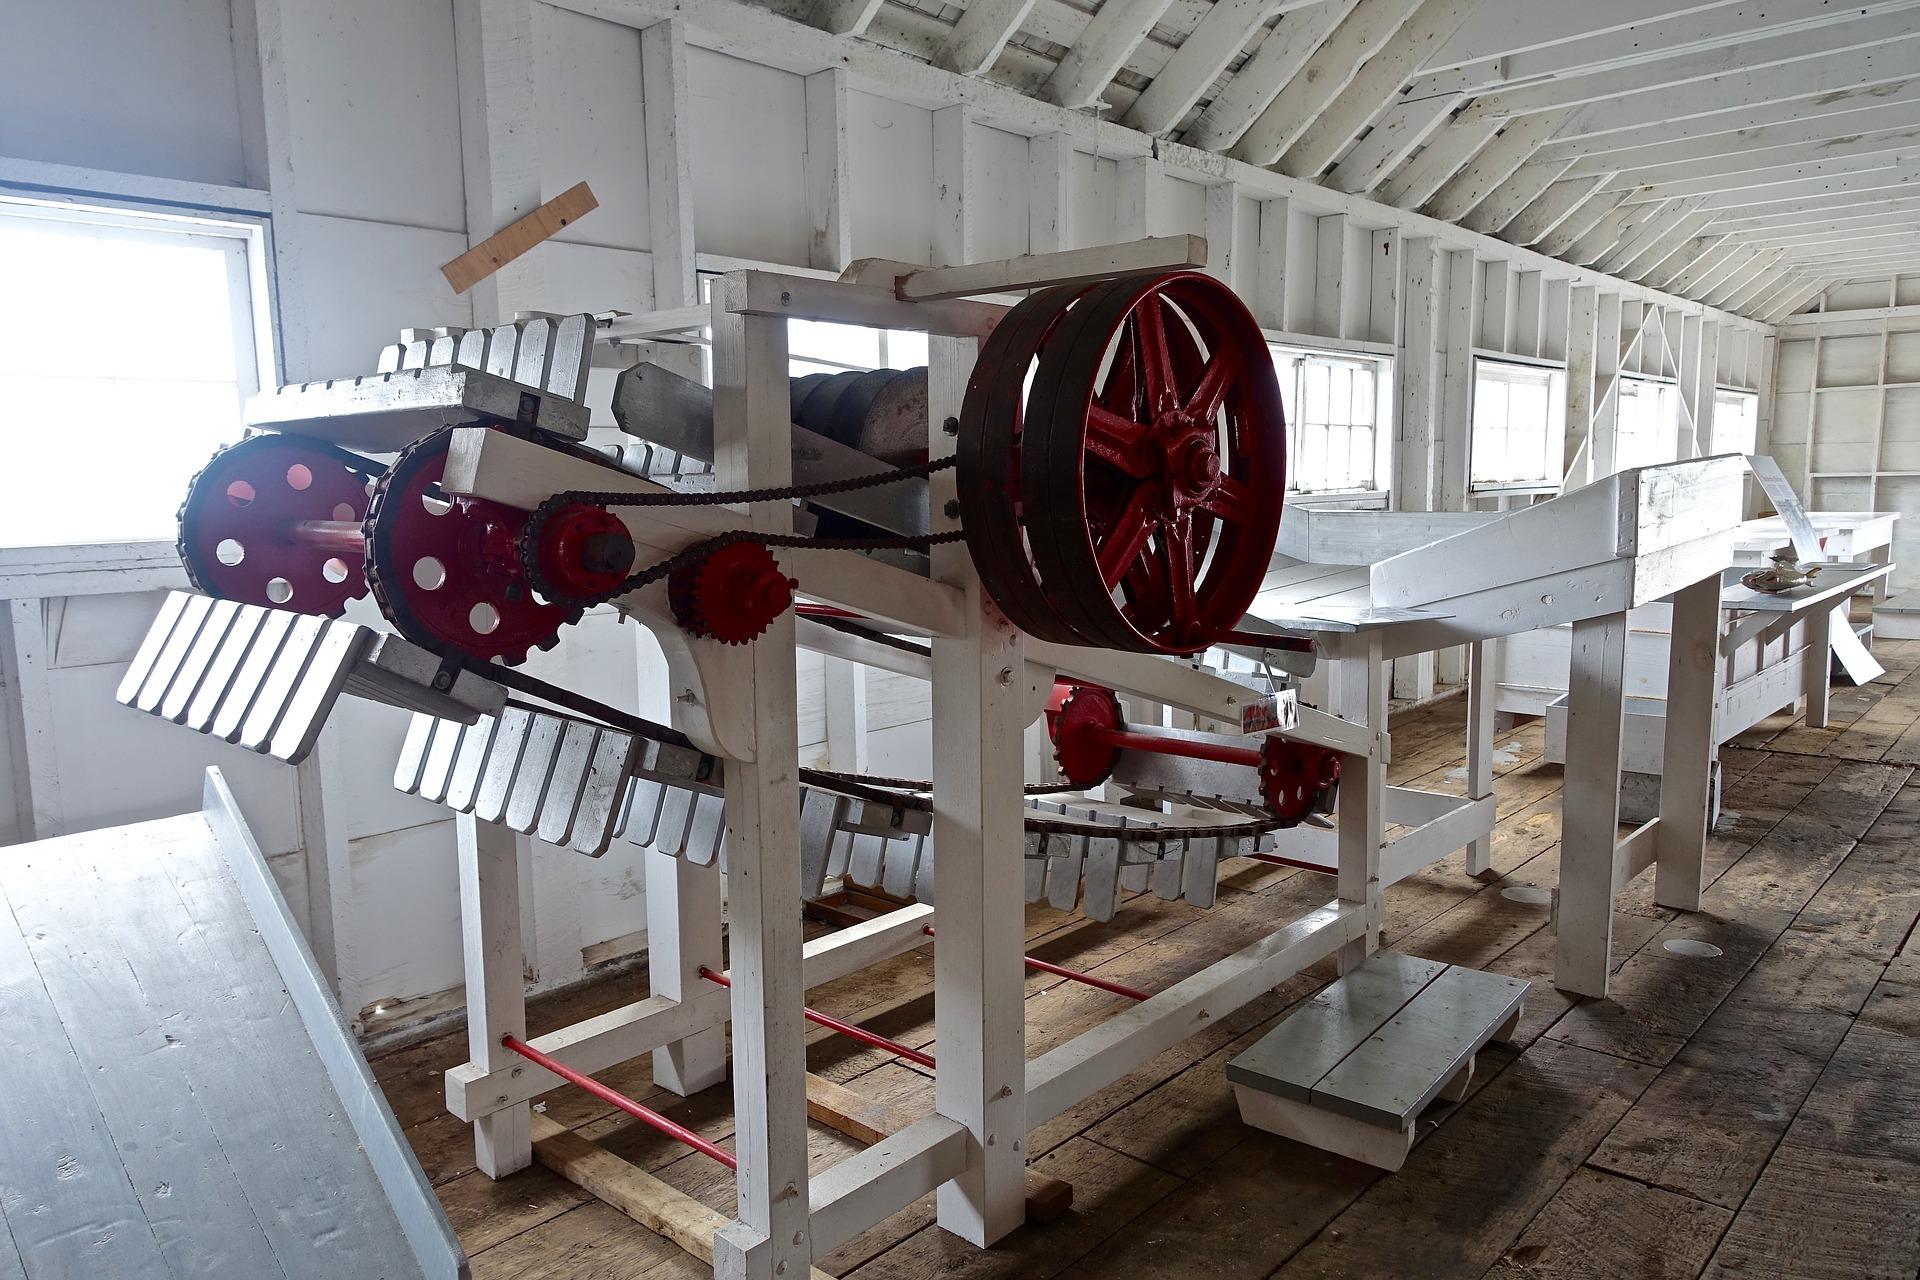 machine-1651014_1920